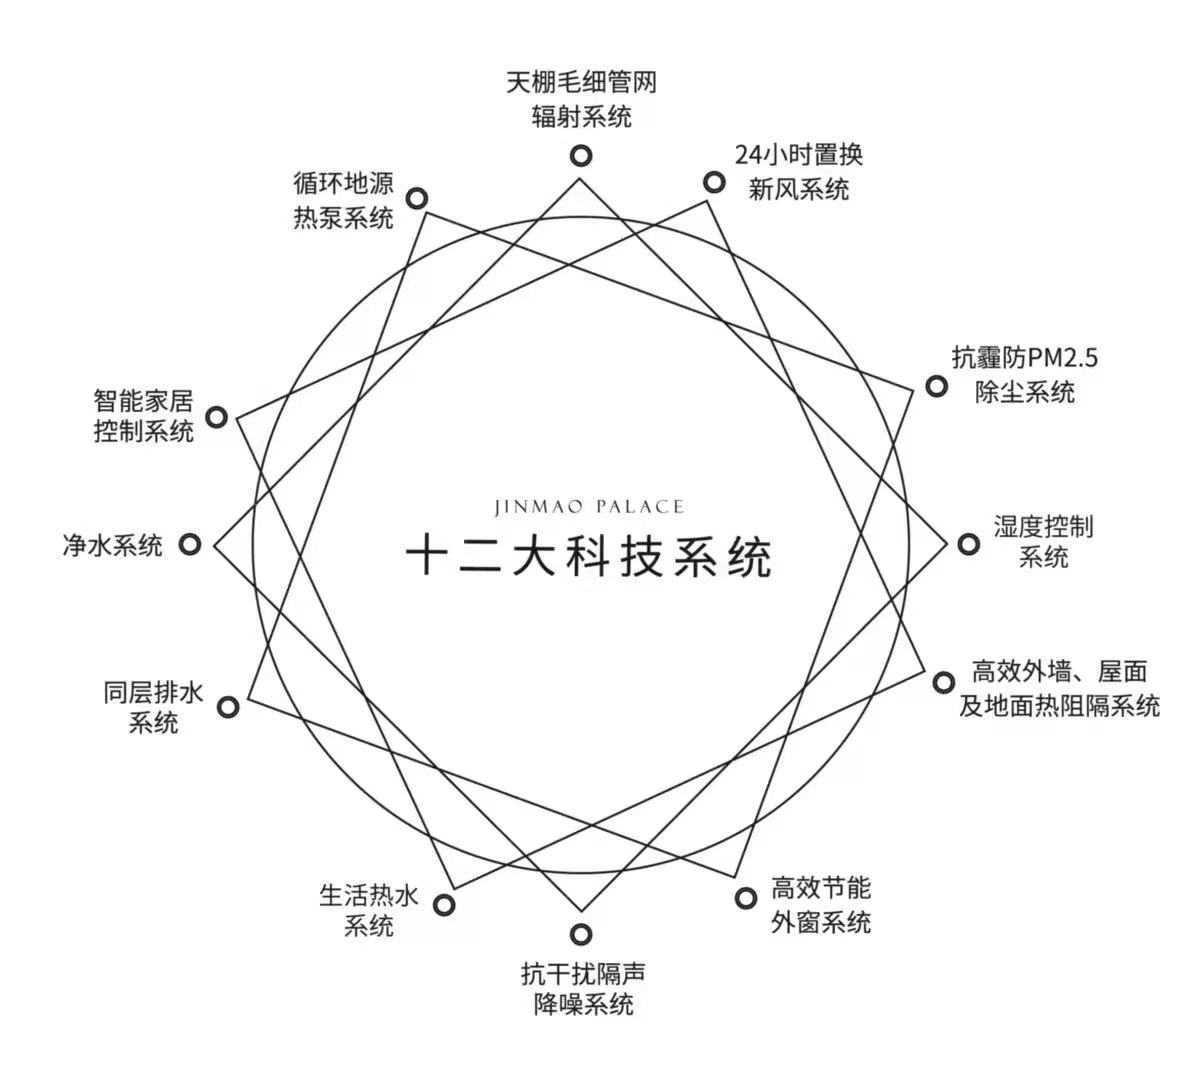 九月北京楼盘推荐:西山金茂府价格待定 ——凤凰网房产北京